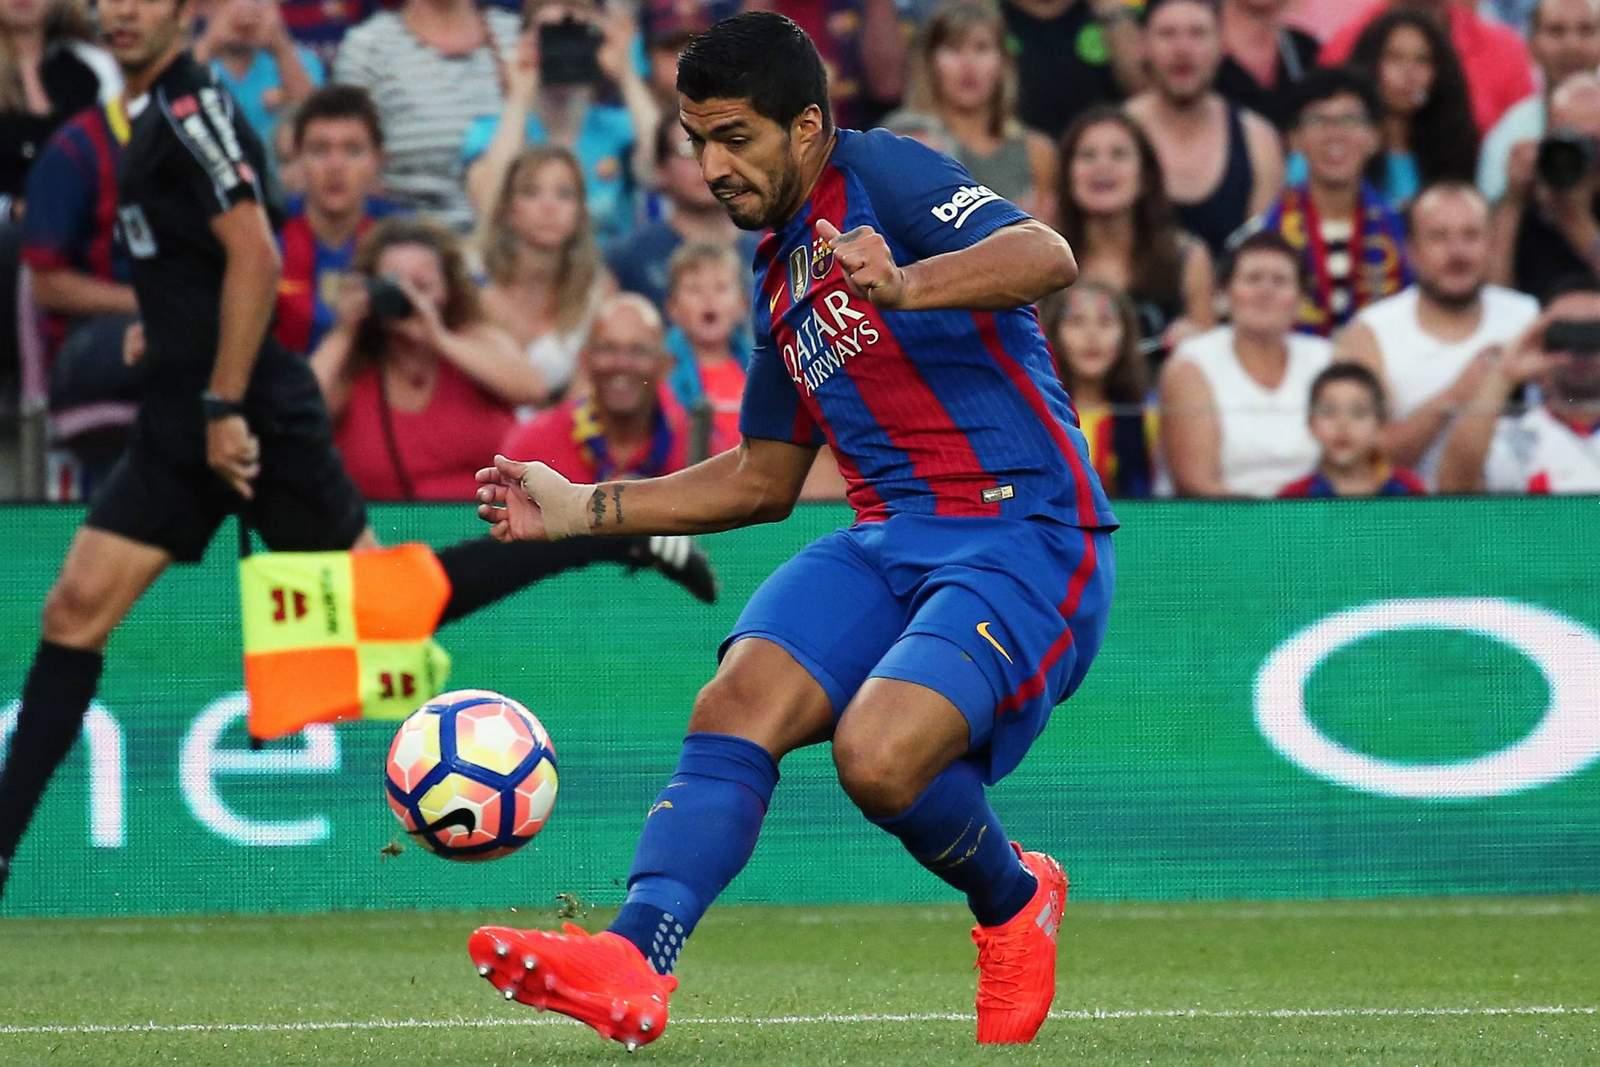 Trifft Suarez wieder? Unser Tipp: Barcelona gewinnt gegen Chelsea